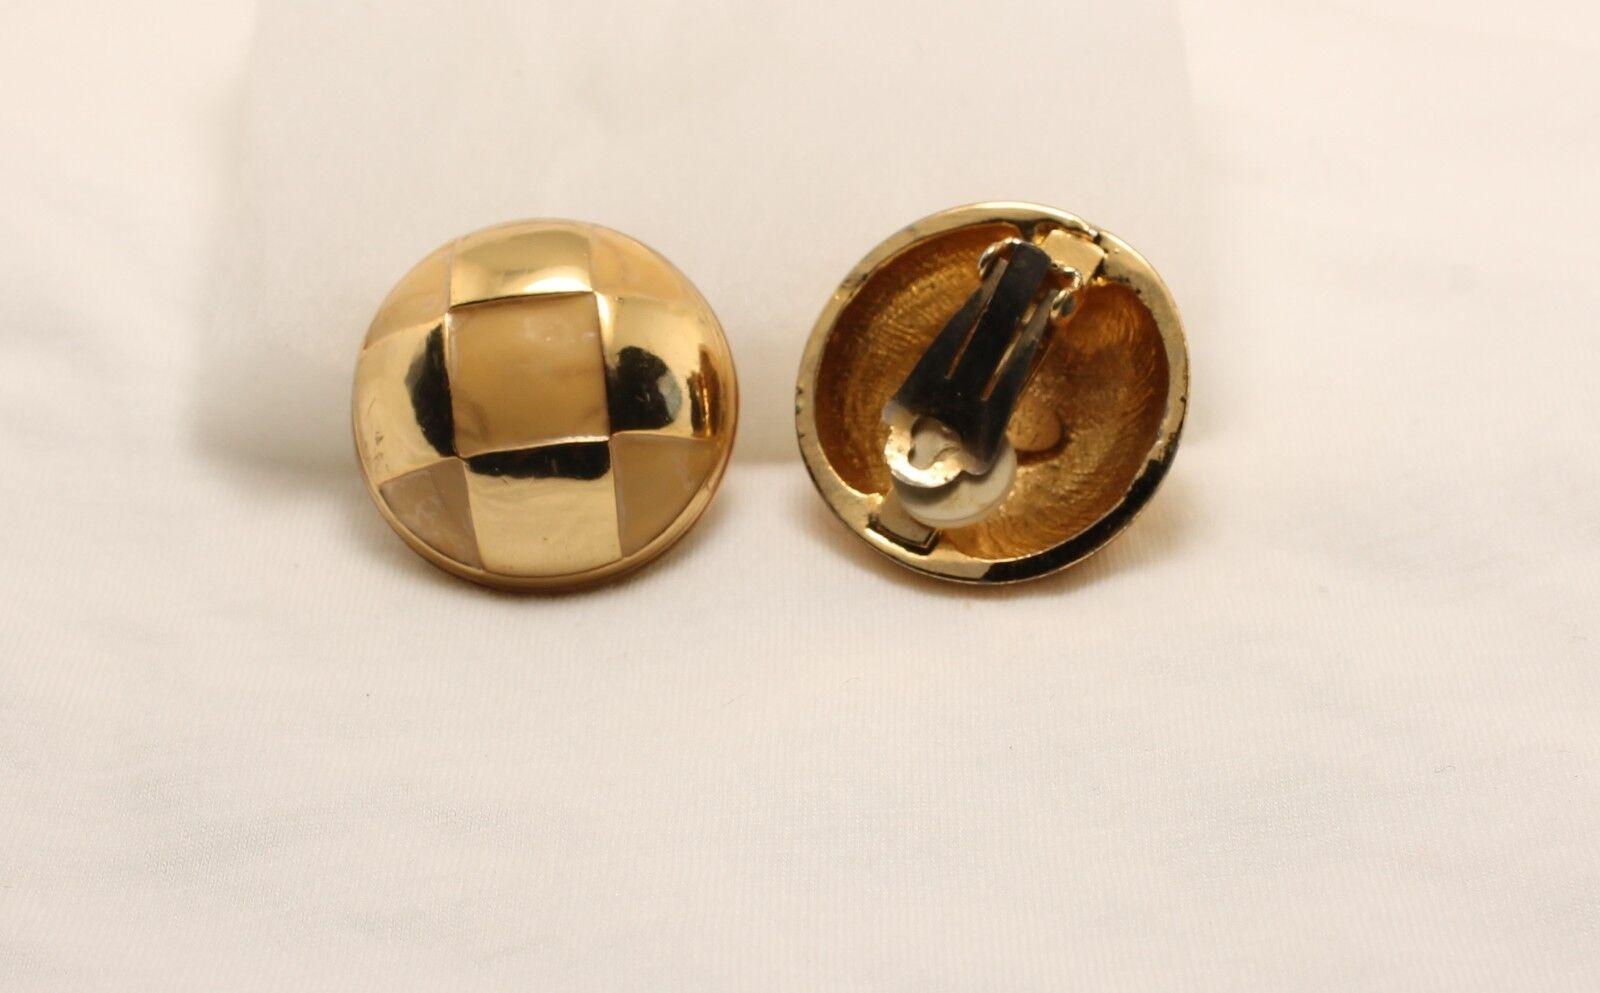 Vintage Lanvin Paris Clip on Earrings - image 2